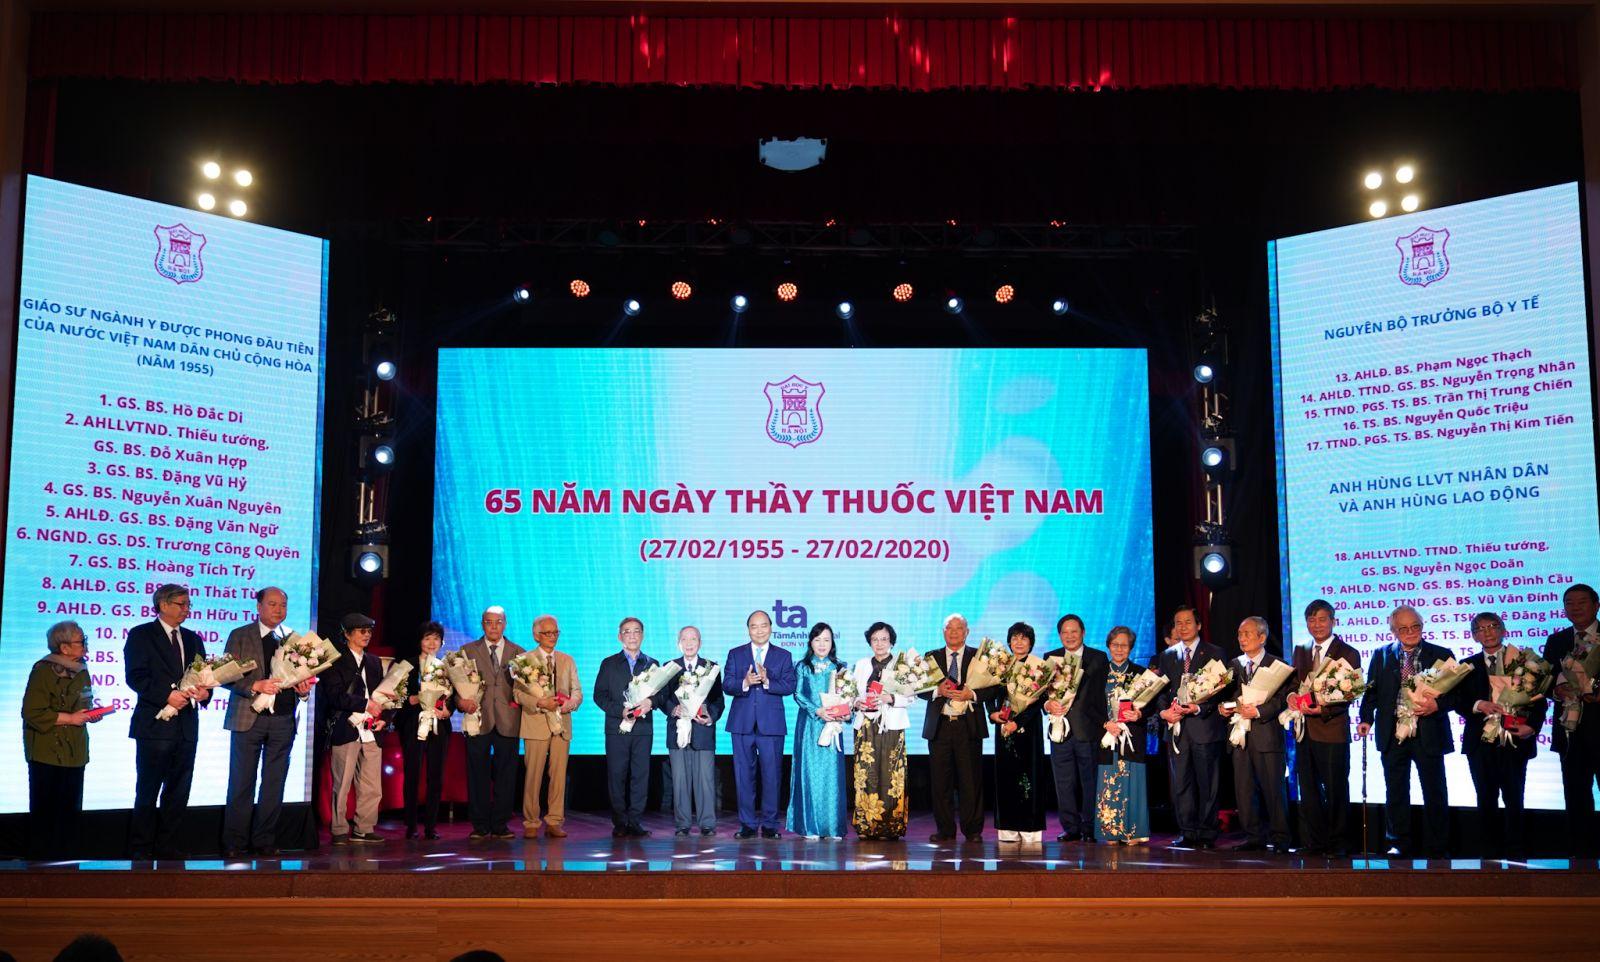 Thủ tướng tặng và truy tặng kỷ niệm chương cho các Giáo sư, Phó Giáo sư, Tiến sĩ trong ngành y tế. Ảnh: VGP/Quang Hiếu